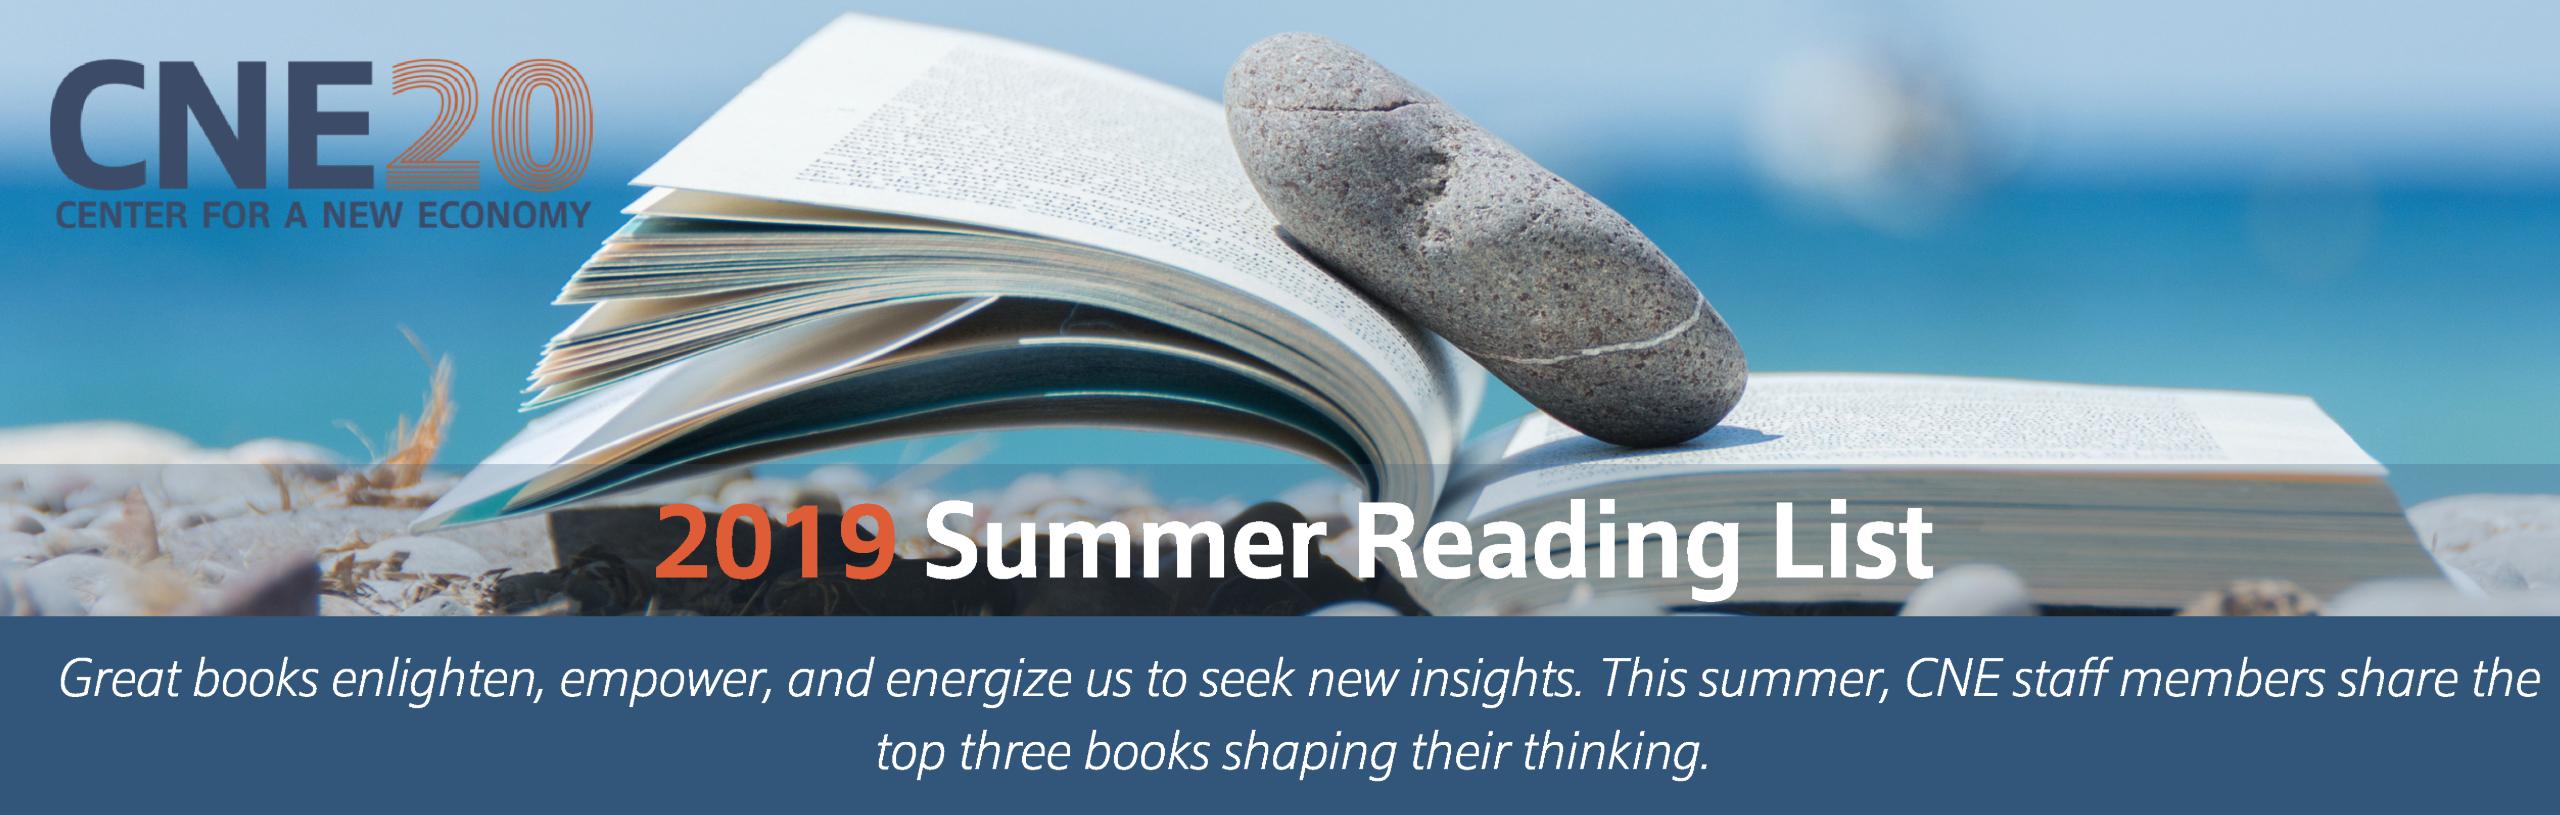 2019 Reading List header